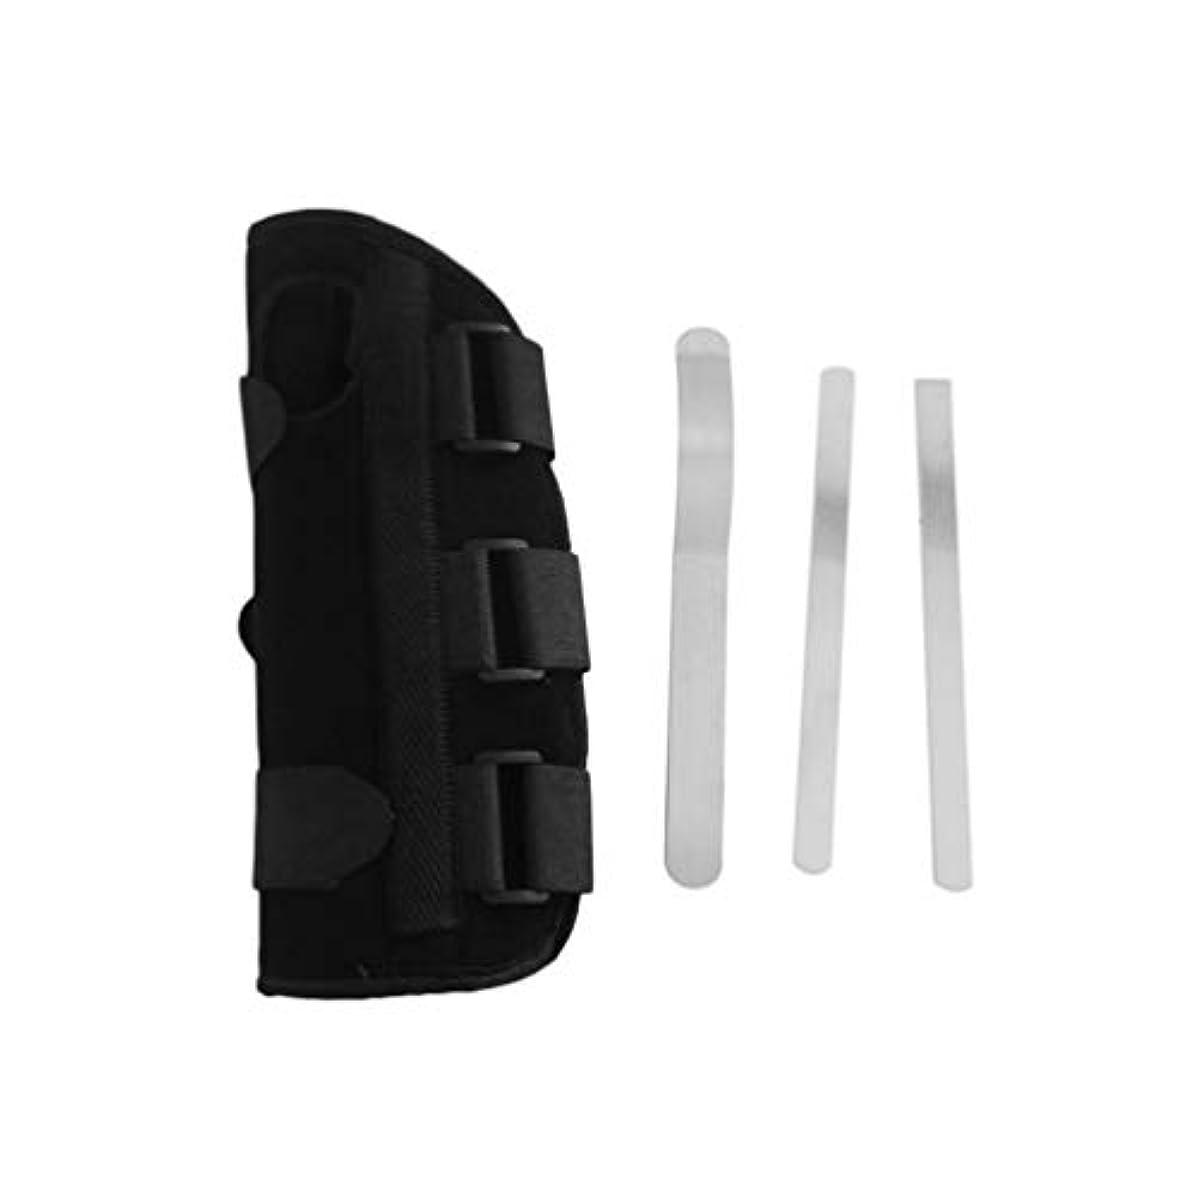 電話観察悲鳴手首副木ブレース保護サポートストラップカルペルトンネルCTS RSI痛み軽減取り外し可能な副木快適な軽量ストラップ - ブラックS